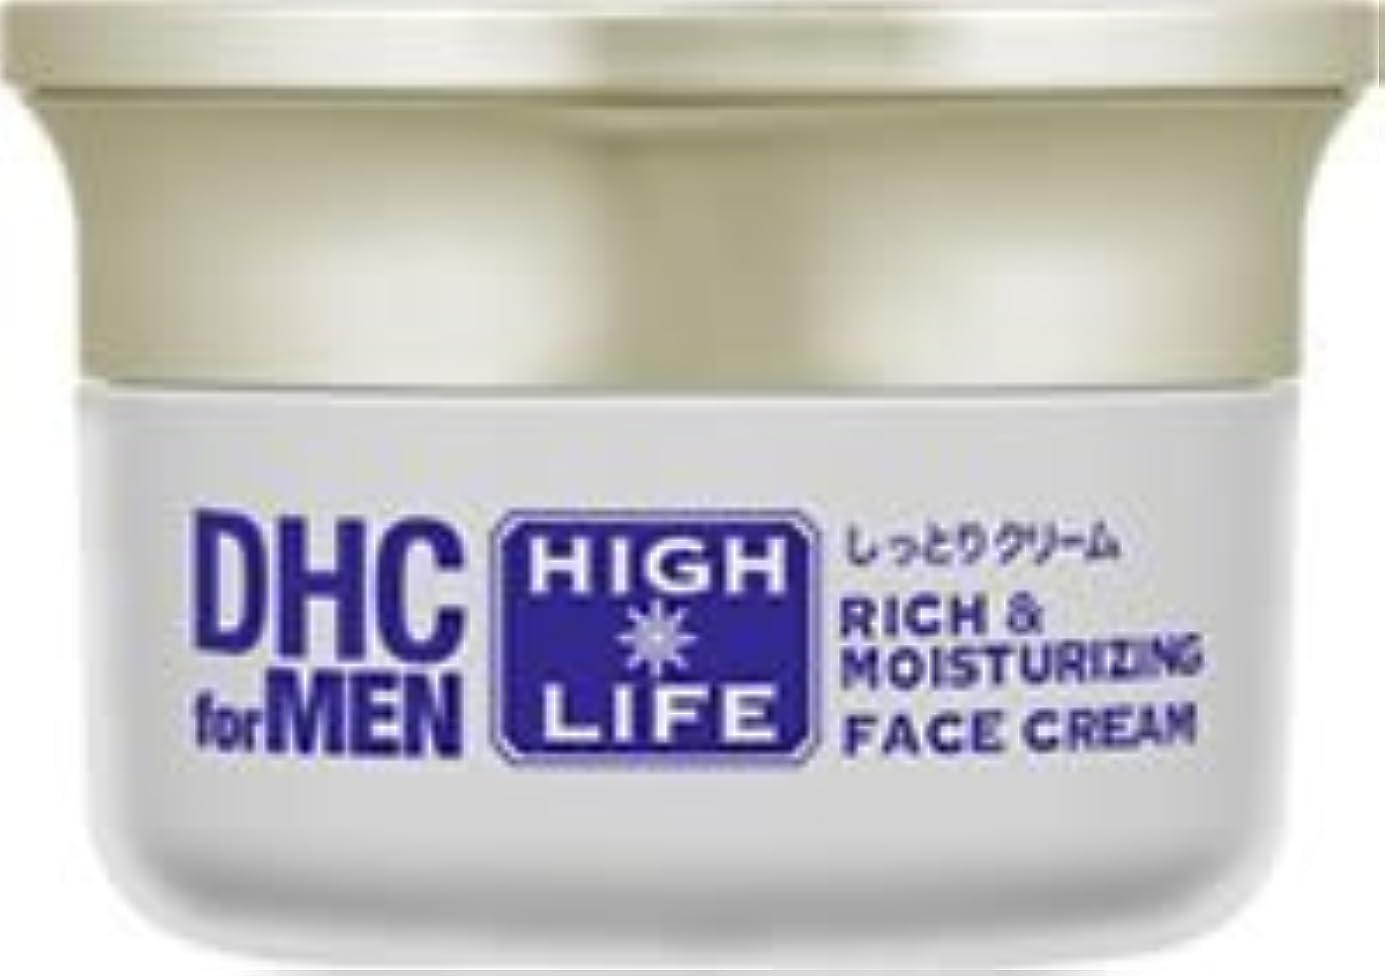 教育するインテリア添付DHCリッチ&モイスチュア フェースクリーム【DHC for MEN ハイライフ】